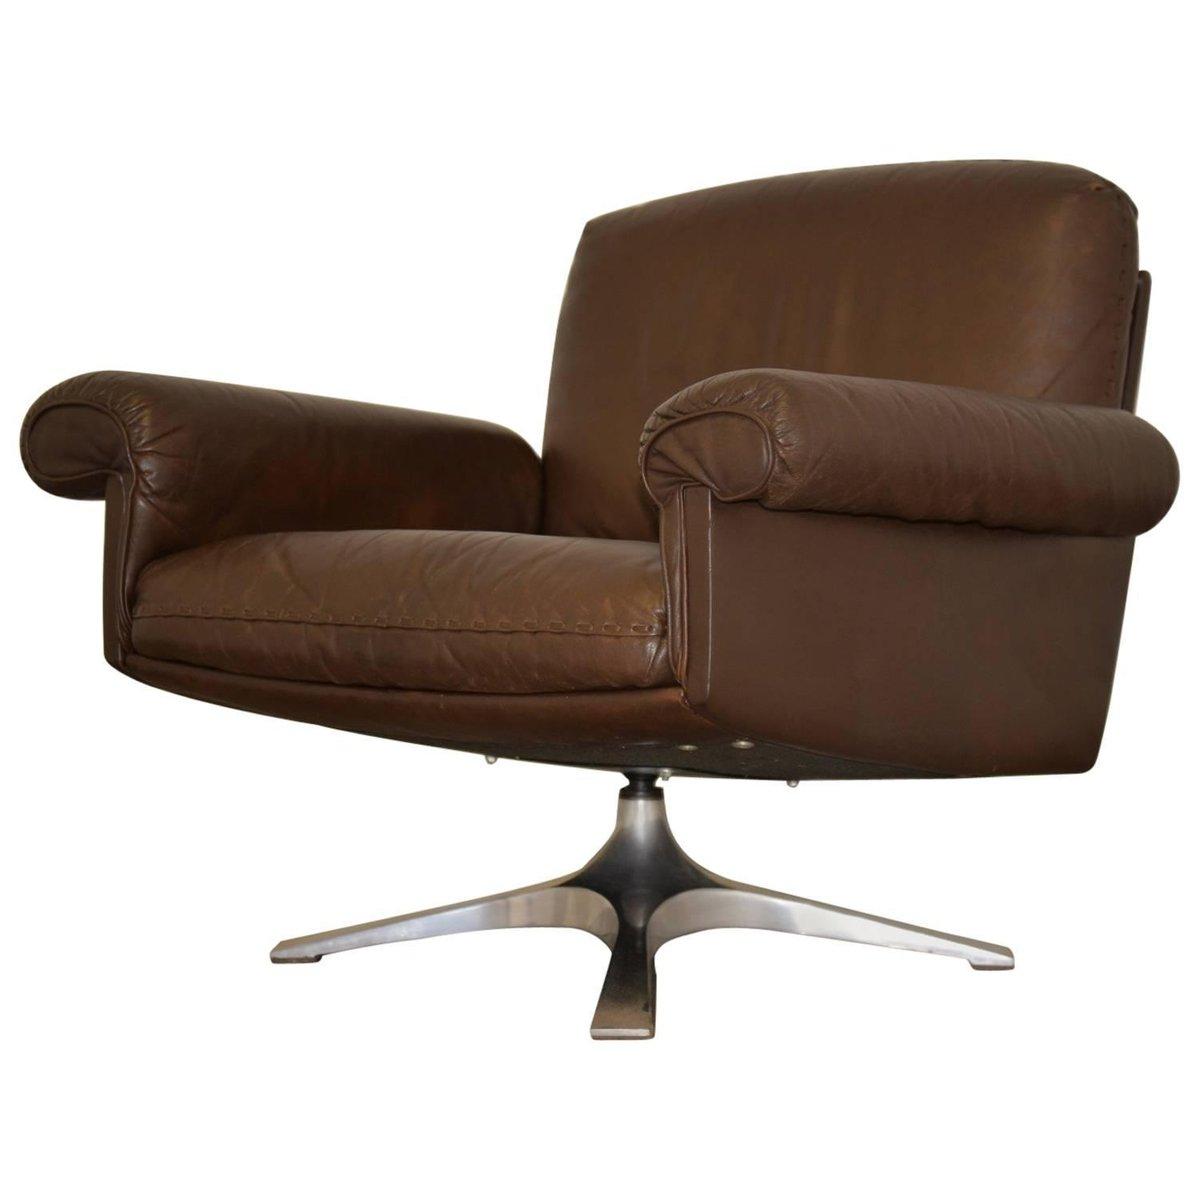 vintage ds 31 sessel von de sede 1970er bei pamono kaufen. Black Bedroom Furniture Sets. Home Design Ideas